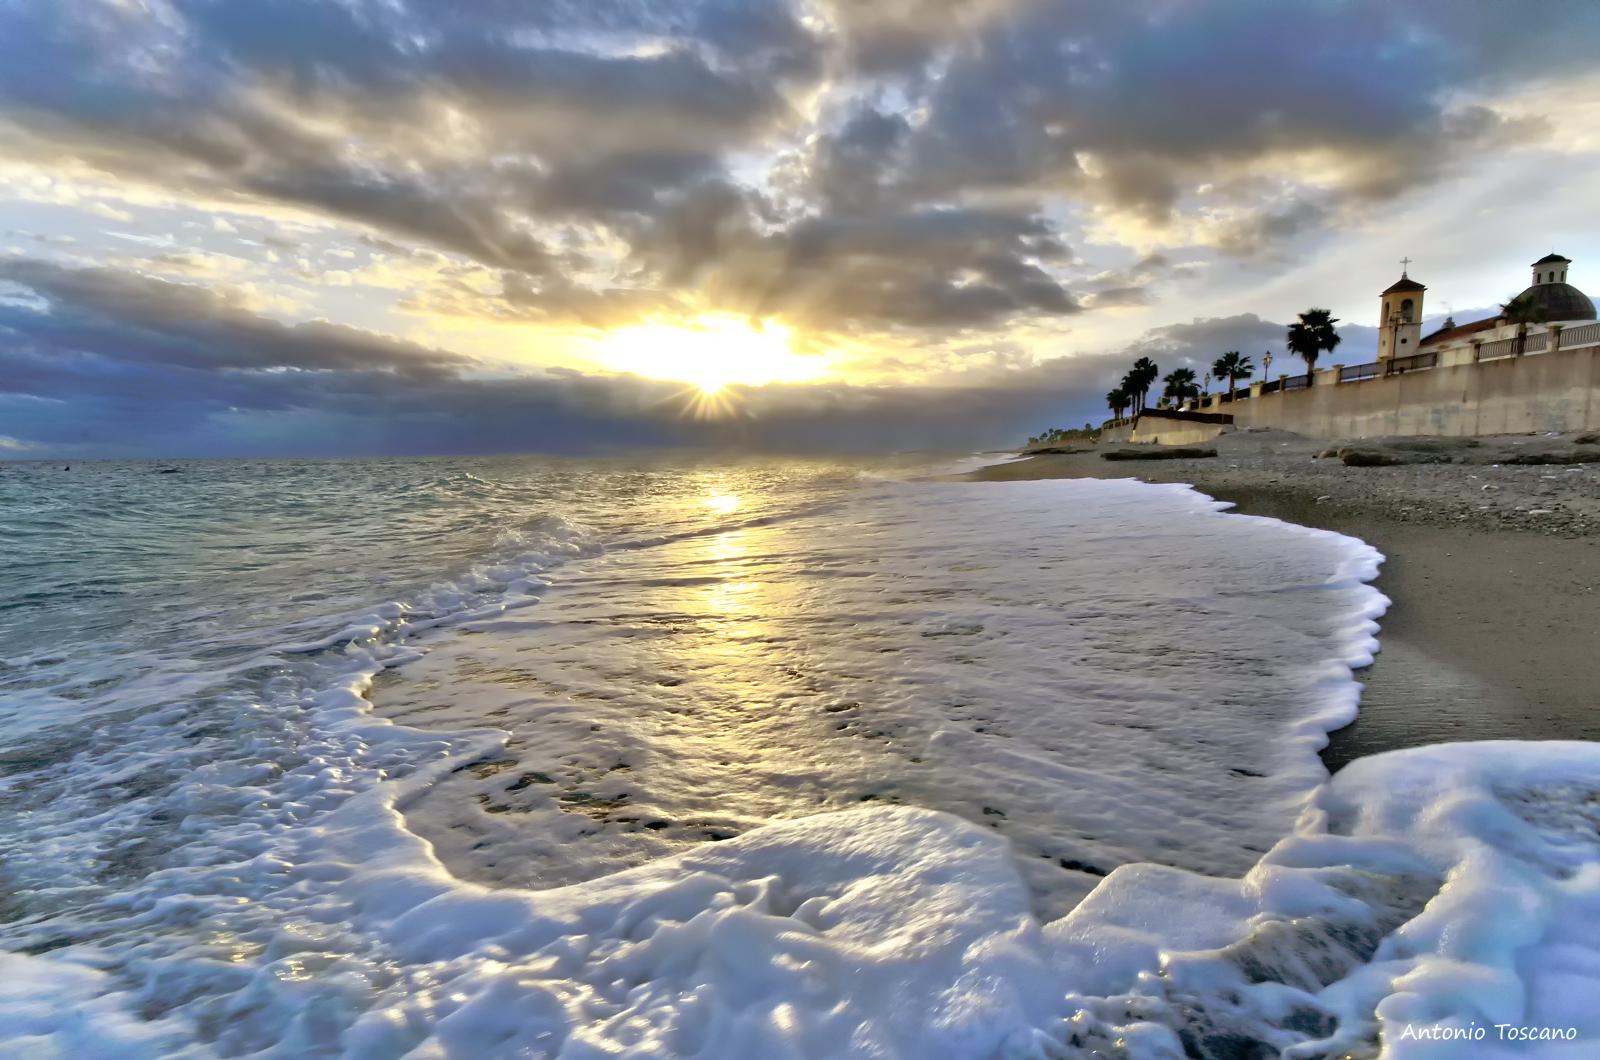 Bianco splendido splendente...